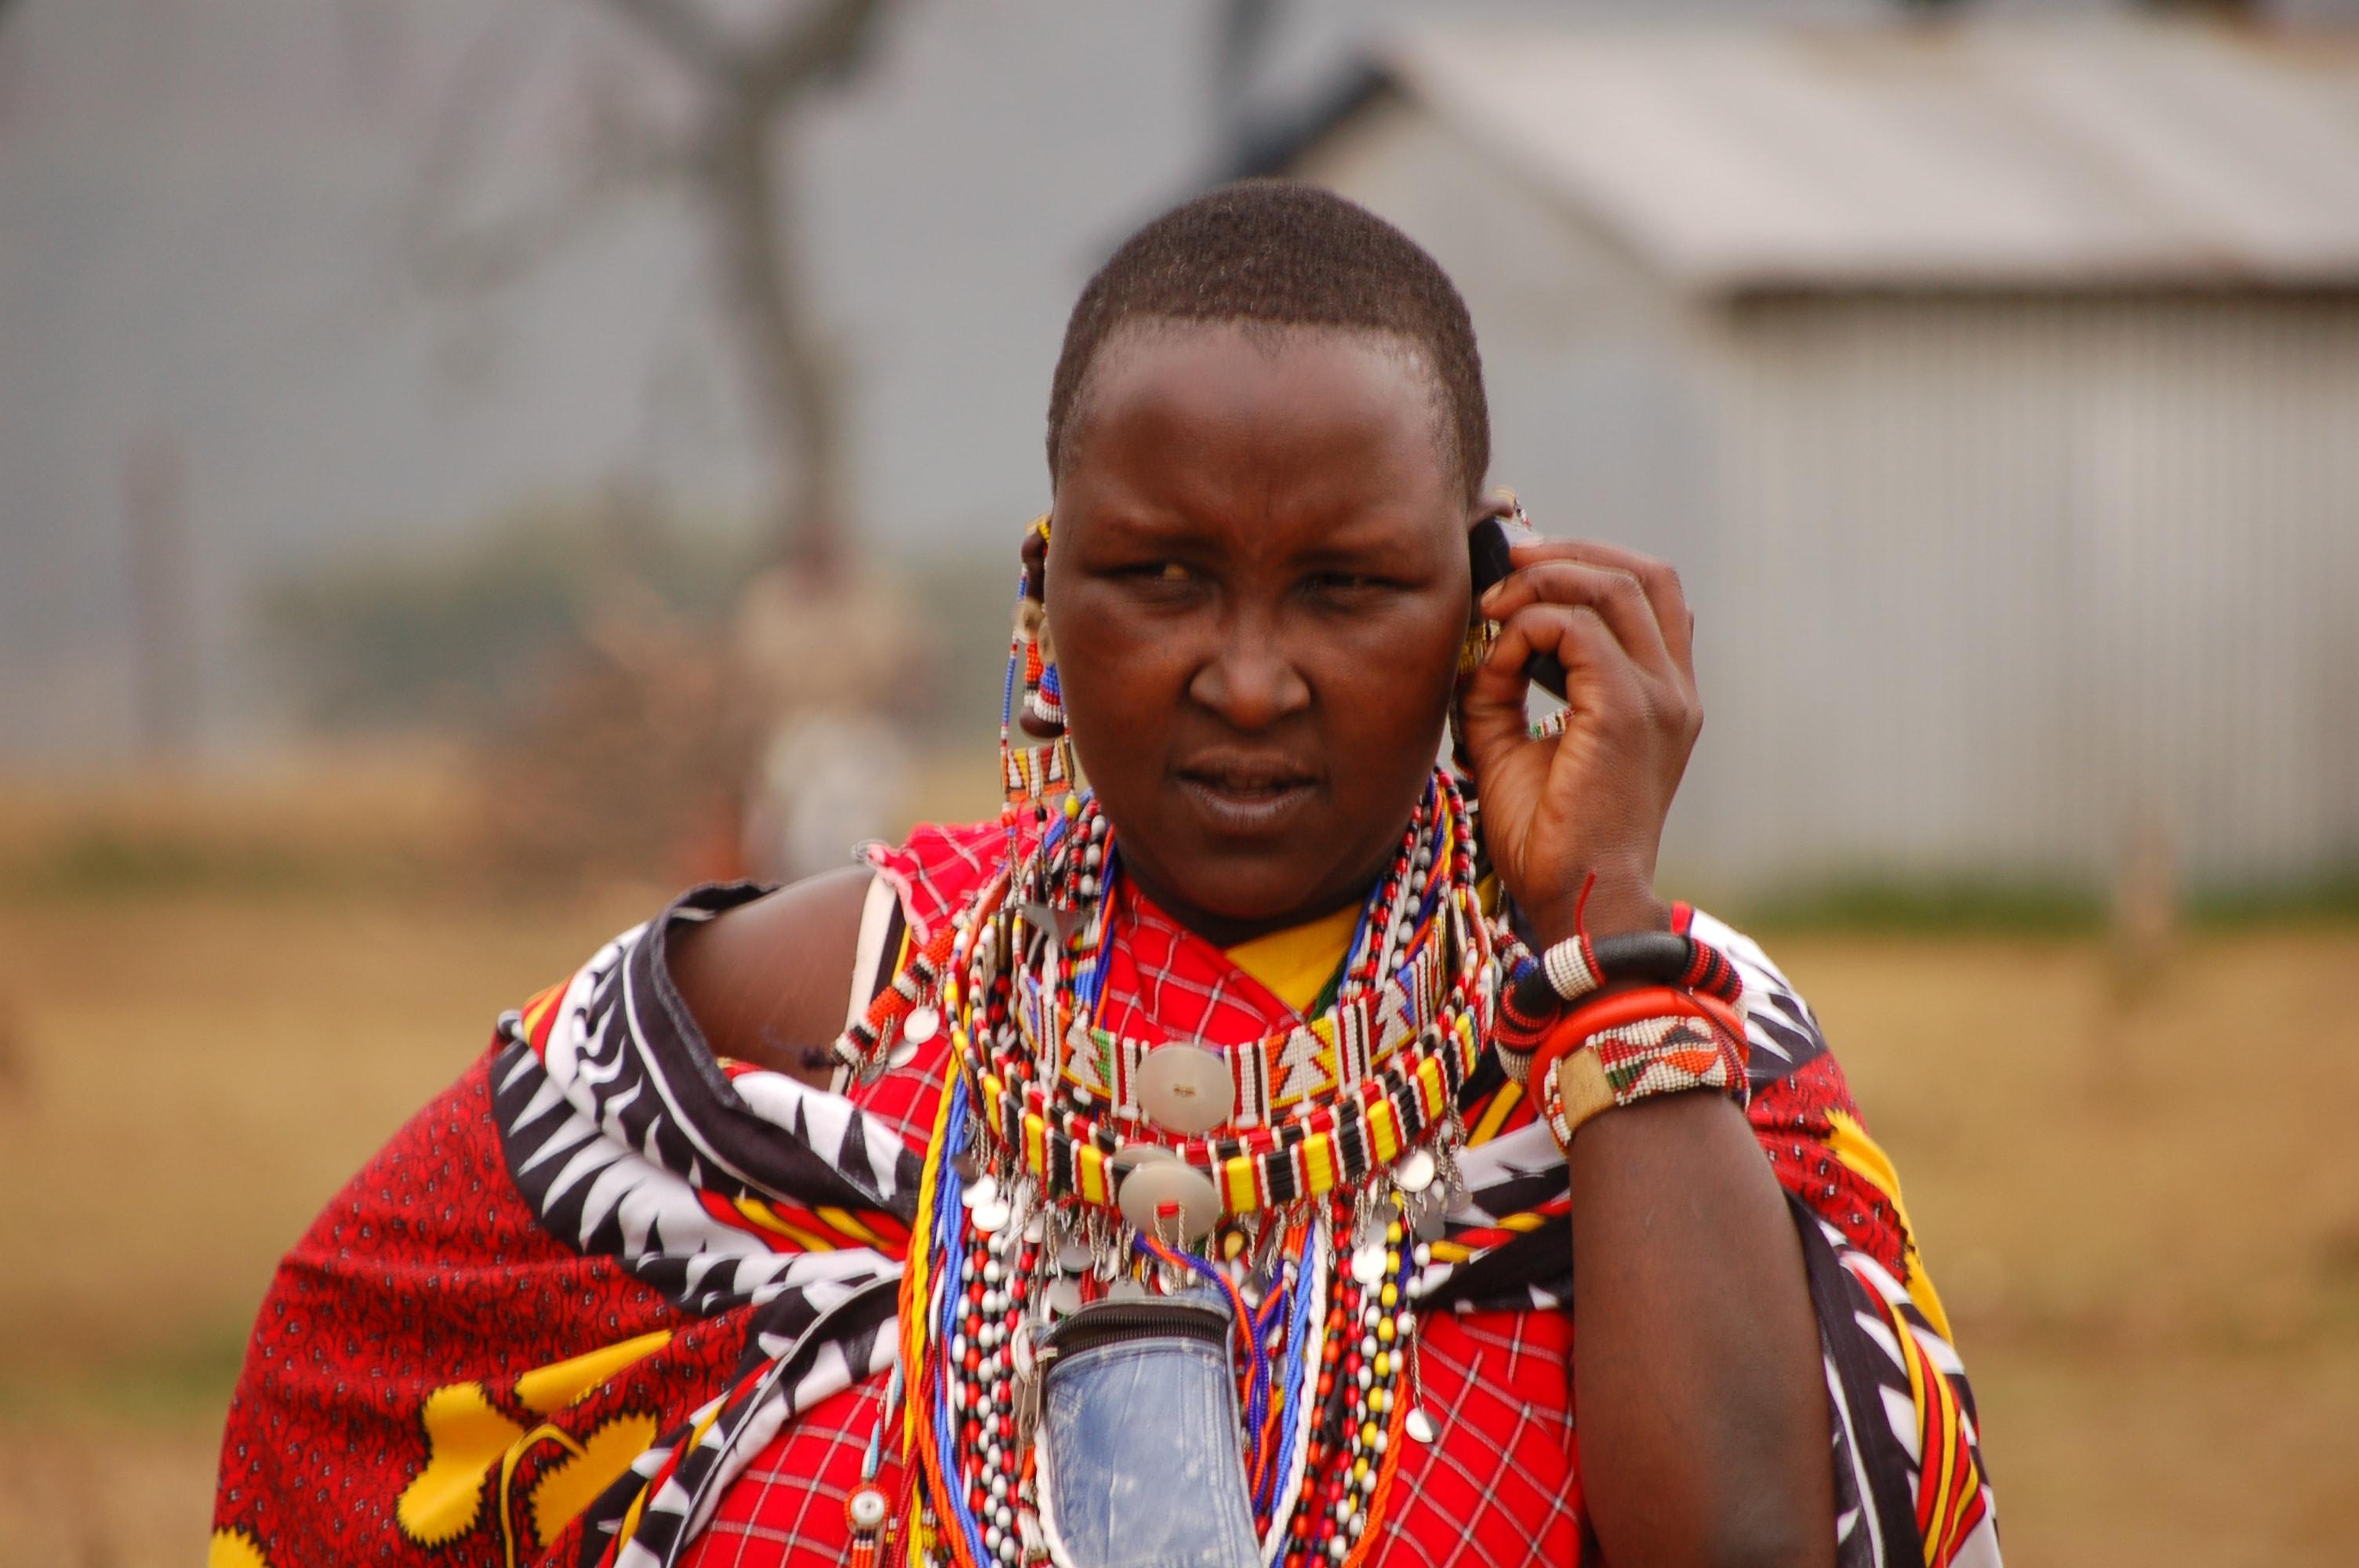 Olaimutiai algkooli õpetaja Keenias. Foto: Flickri kasutaja teachandlearn (CC BY-NC-SA 2.0)